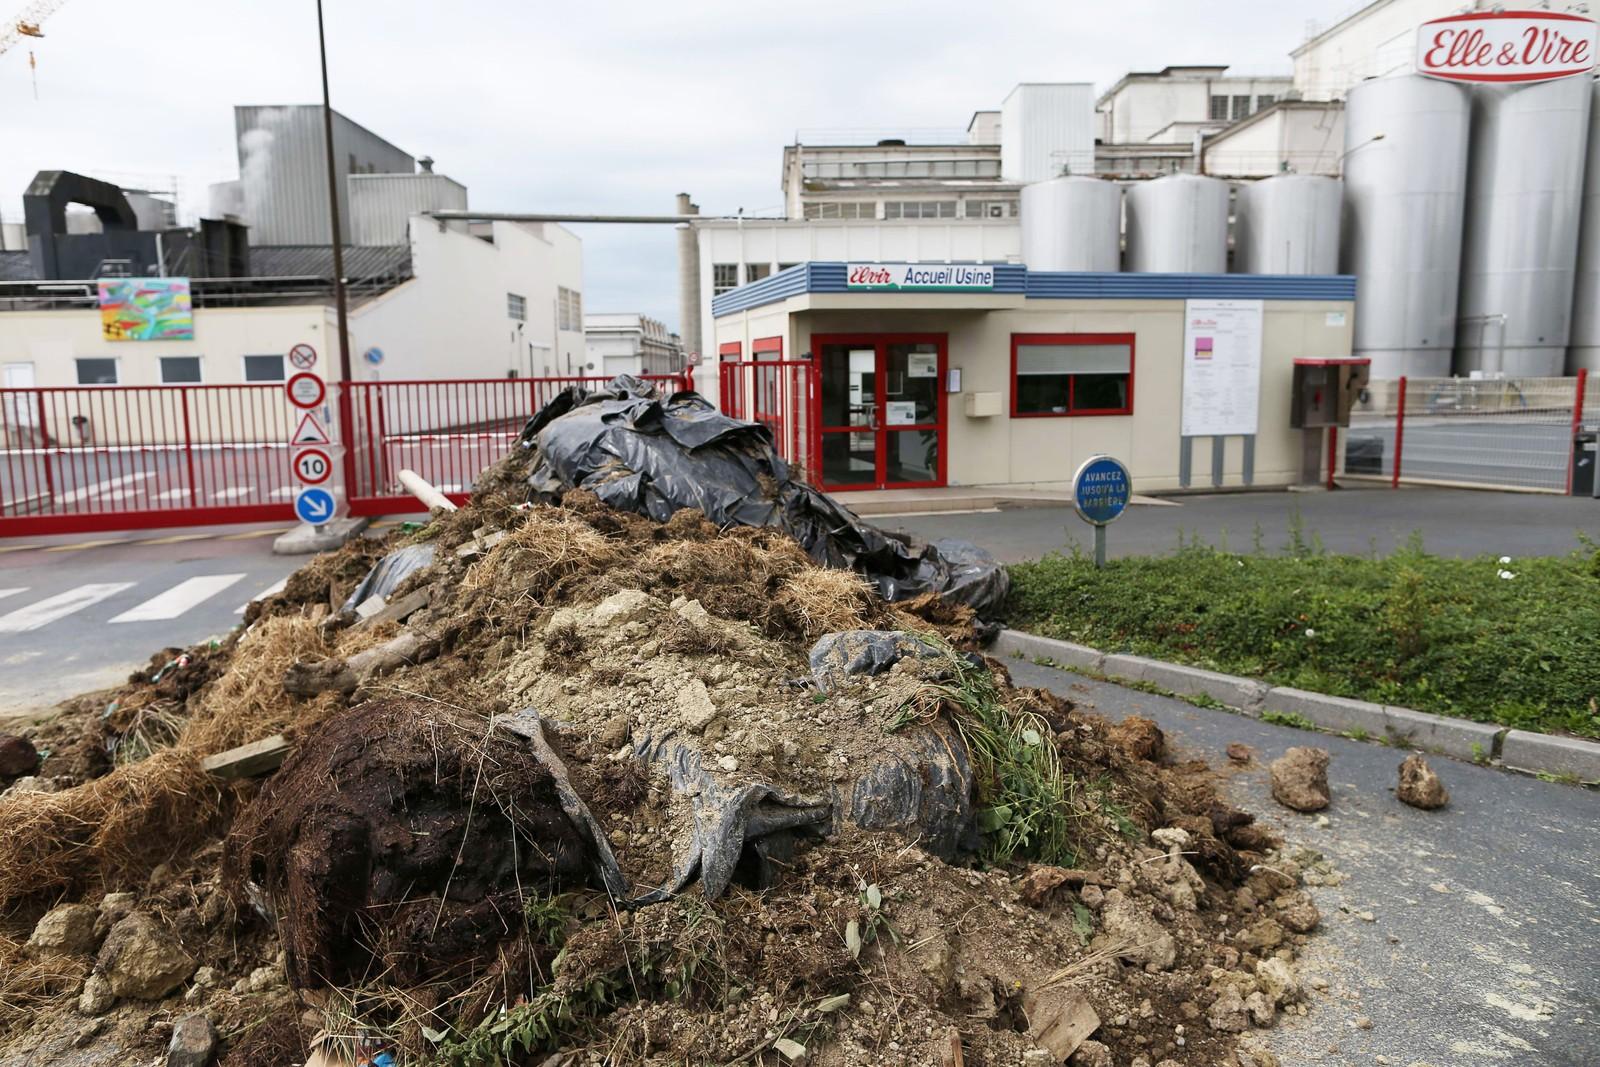 Inngangen til meieriprodusenten Elle & Vire i Condé-sur-Vire er blokkert med jord og stein.